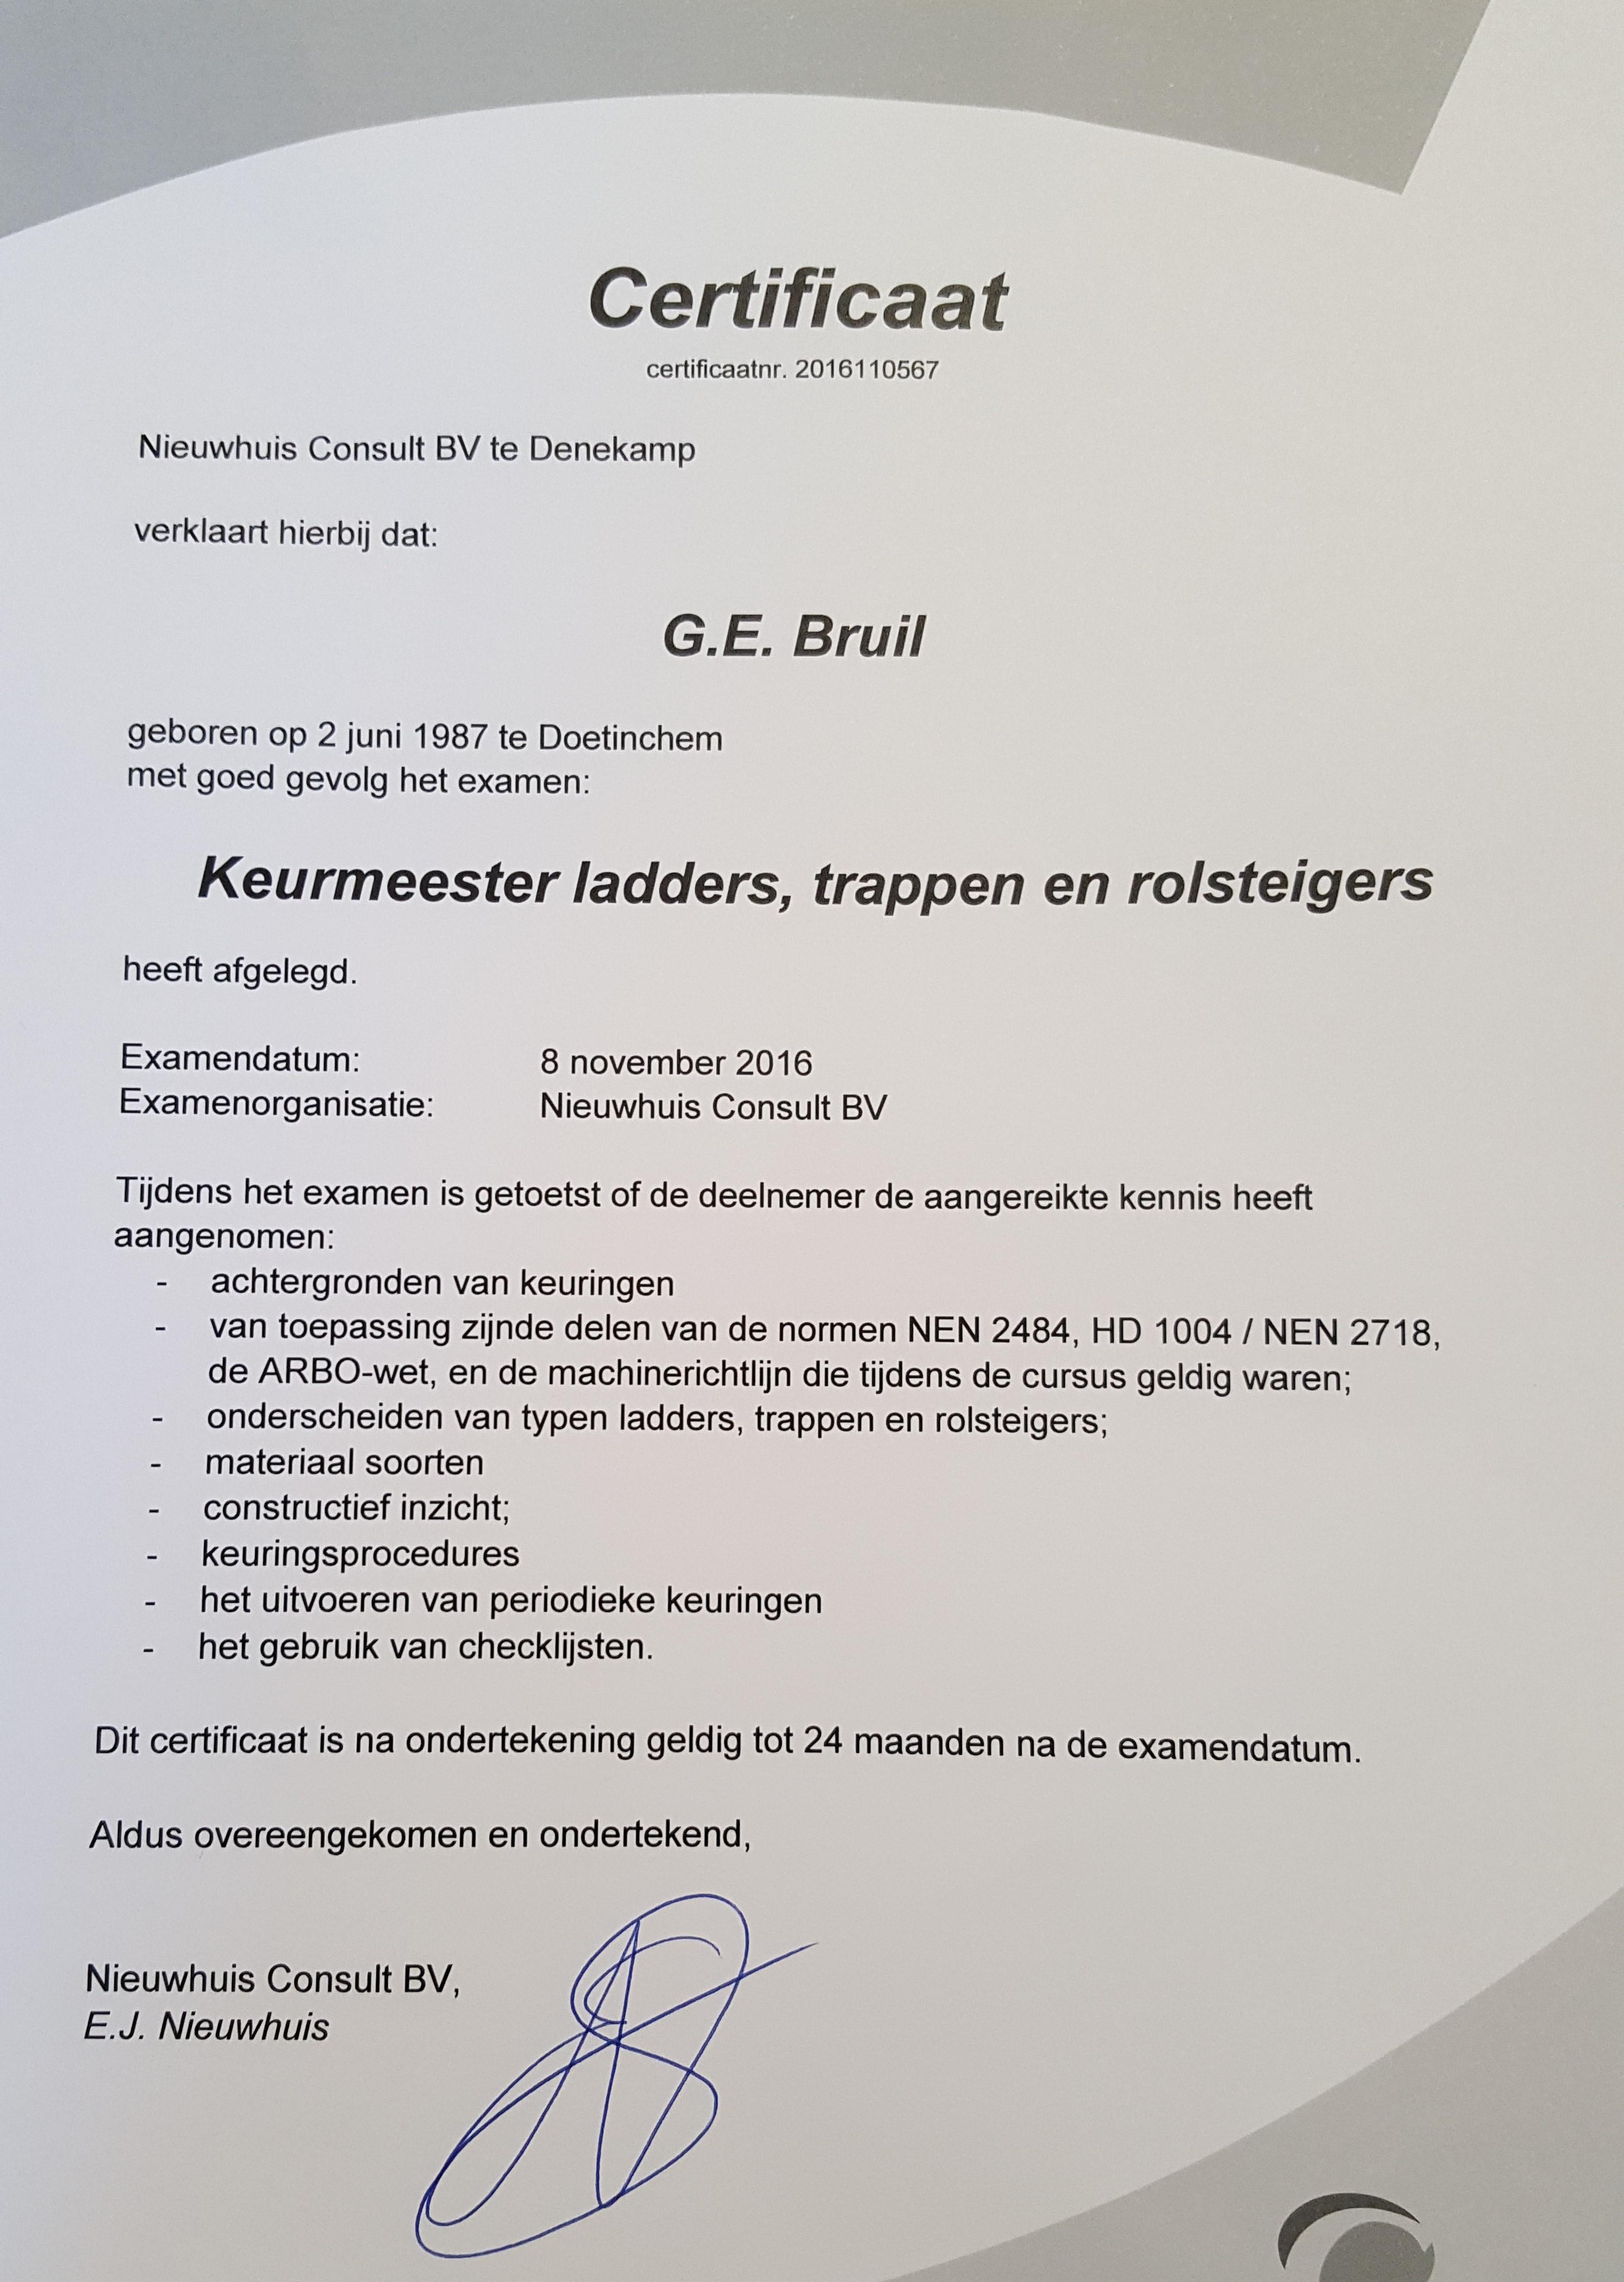 certificaat-keurmeester-ladders-trappen-en-rolsteigers